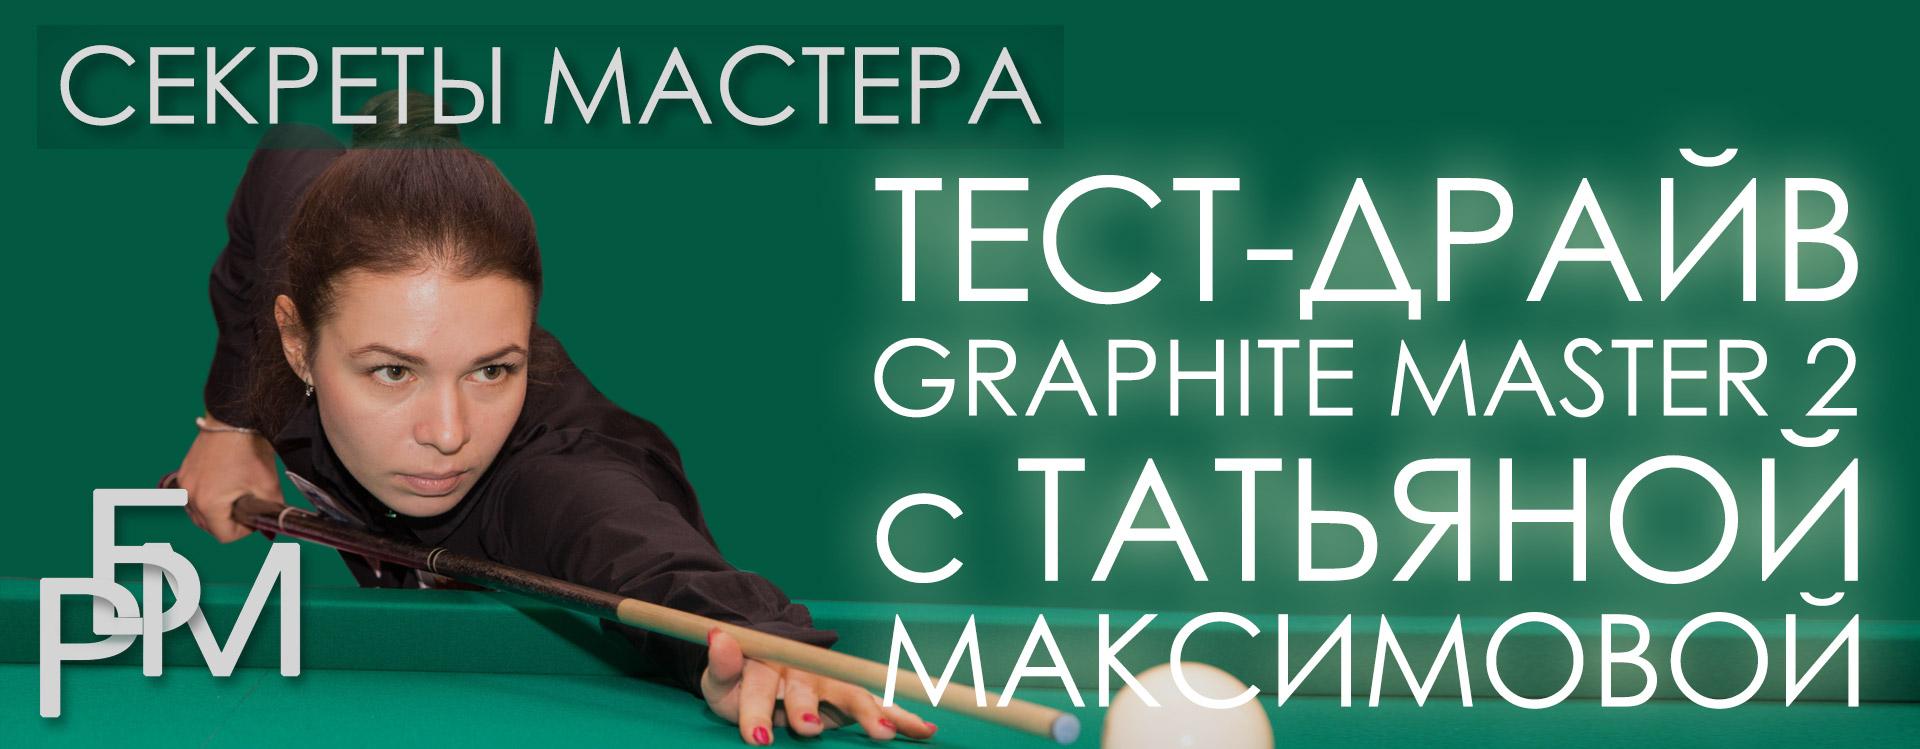 Тест-драйв Graphite Master 2 с Татьяной Максимовой